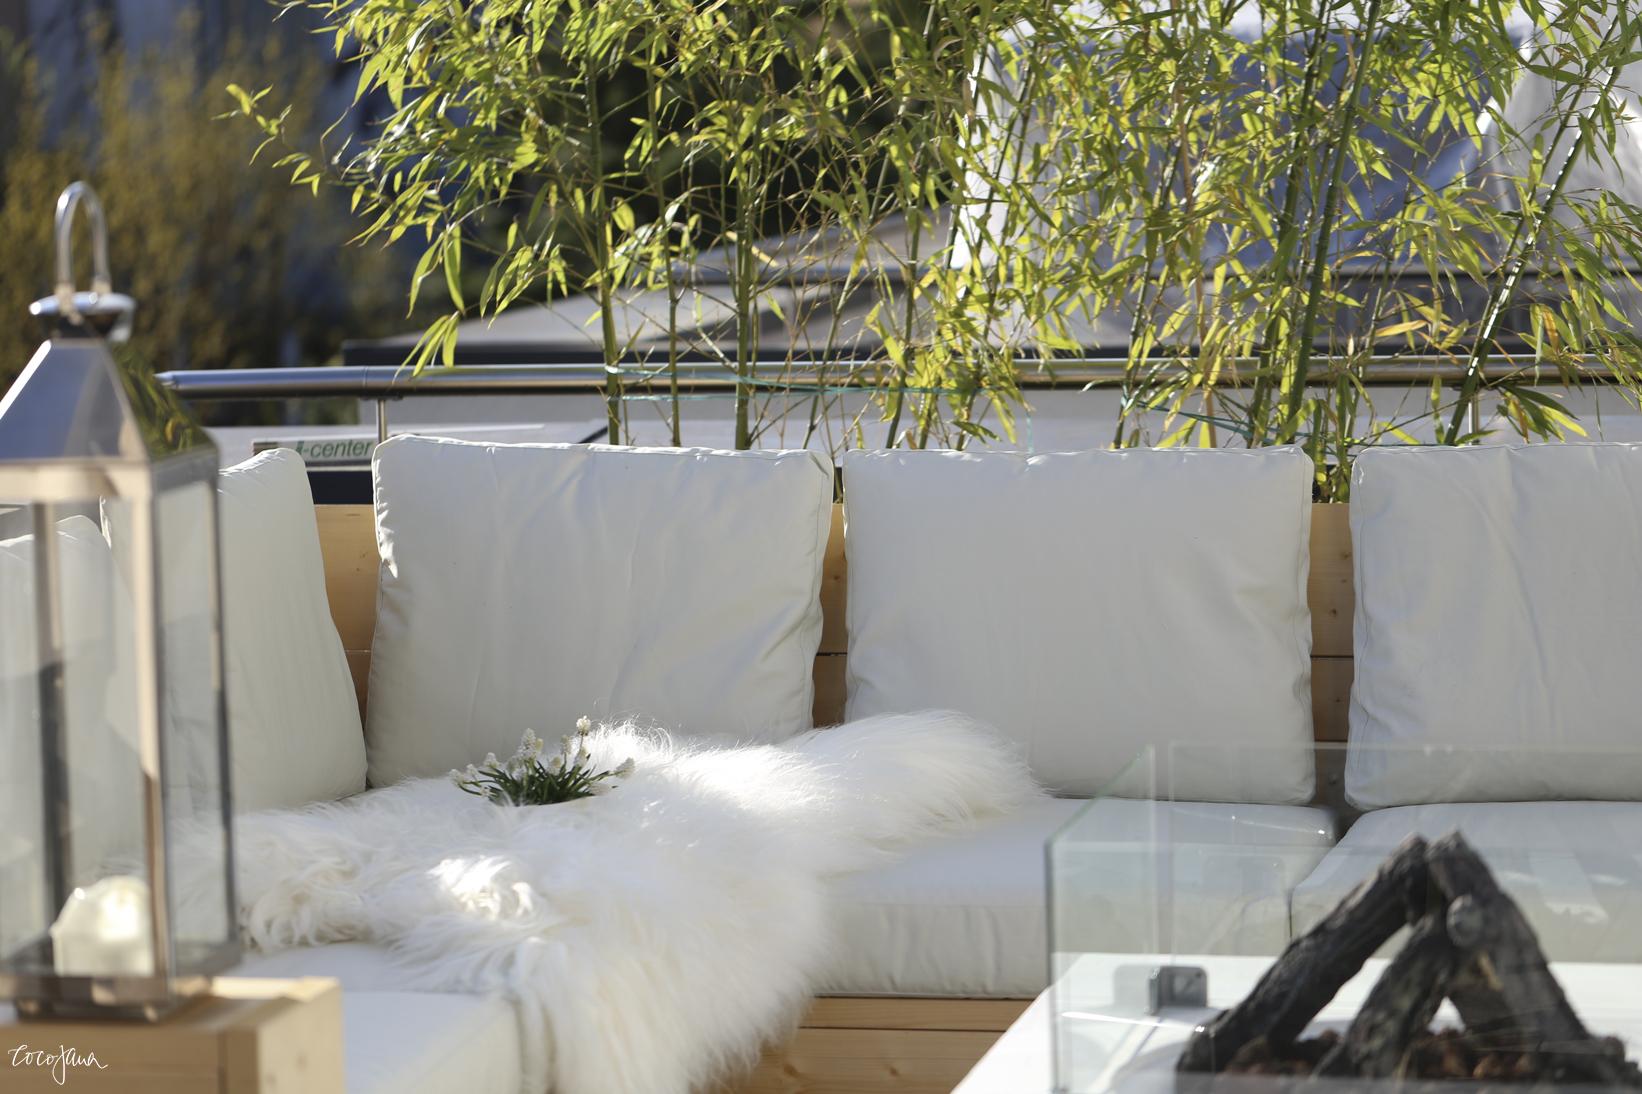 Full Size of Sauna Selber Bauen Diy Loungembel Planungswelten Bett 180x200 Garten Fenster Einbauen Velux 140x200 Pool Im Regale Kosten Küche Planen Kopfteil Bodengleiche Wohnzimmer Sauna Selber Bauen